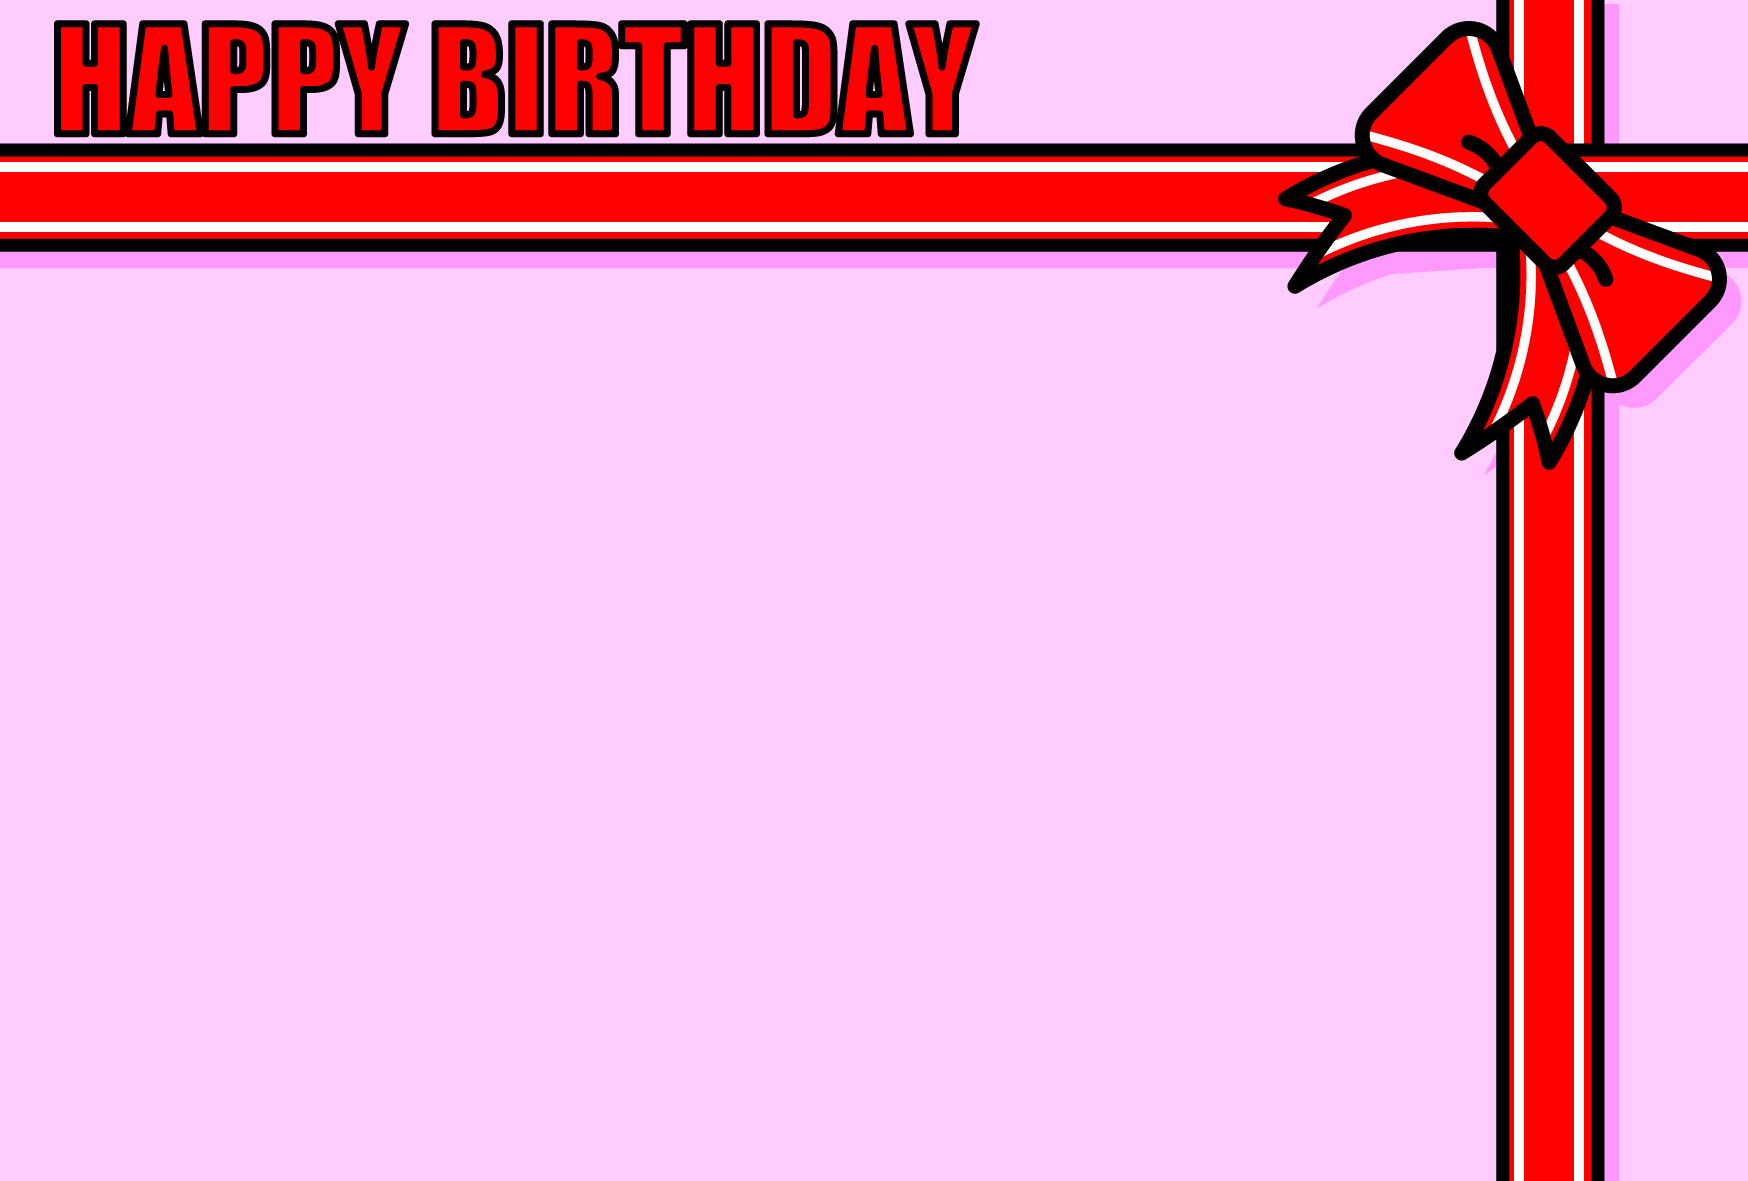 かわいい誕生日(バースデー)メッセージカードの無料イラスト・商用フリー